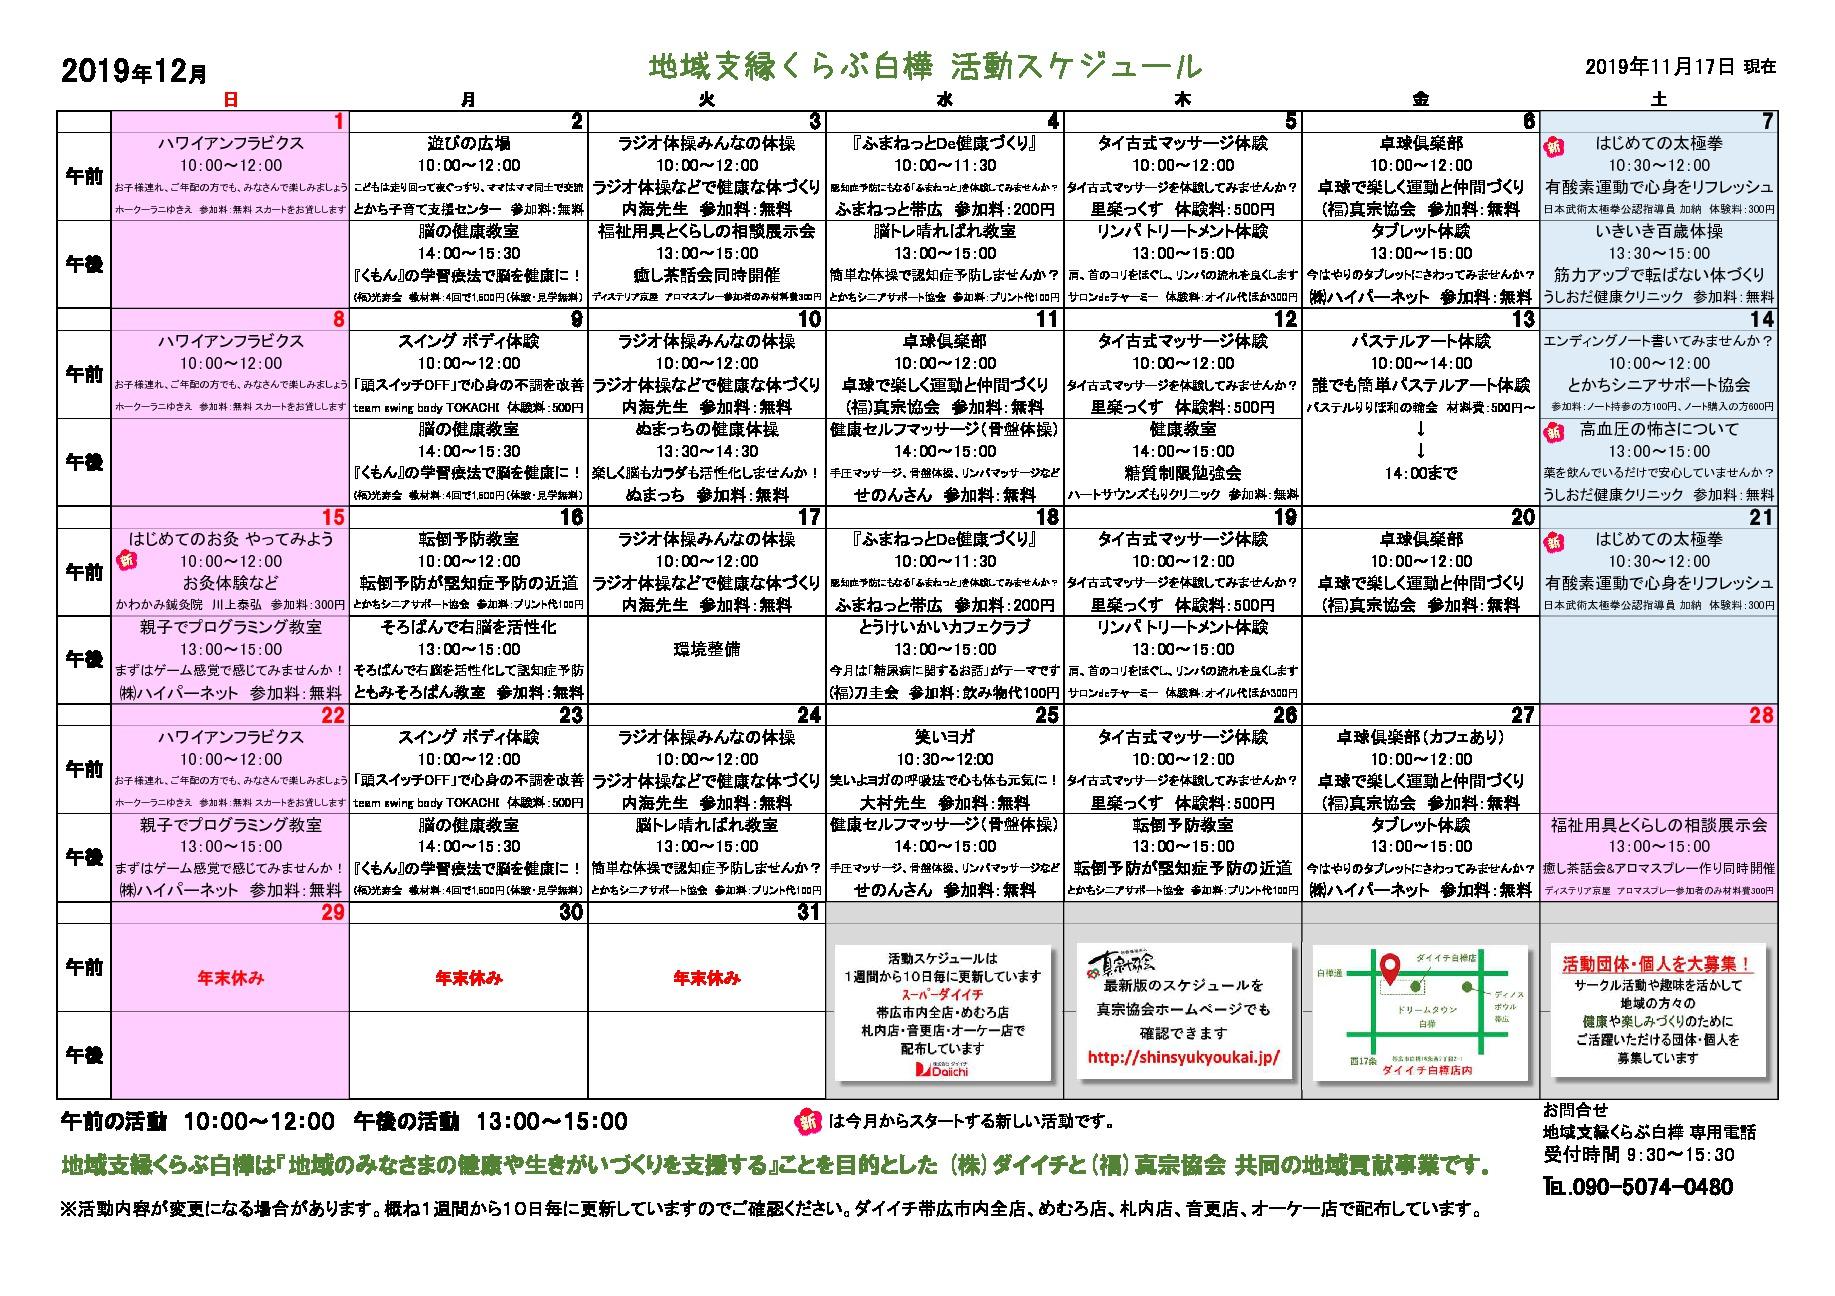 2019活動スケジュール12(2019.11.17付)のサムネイル